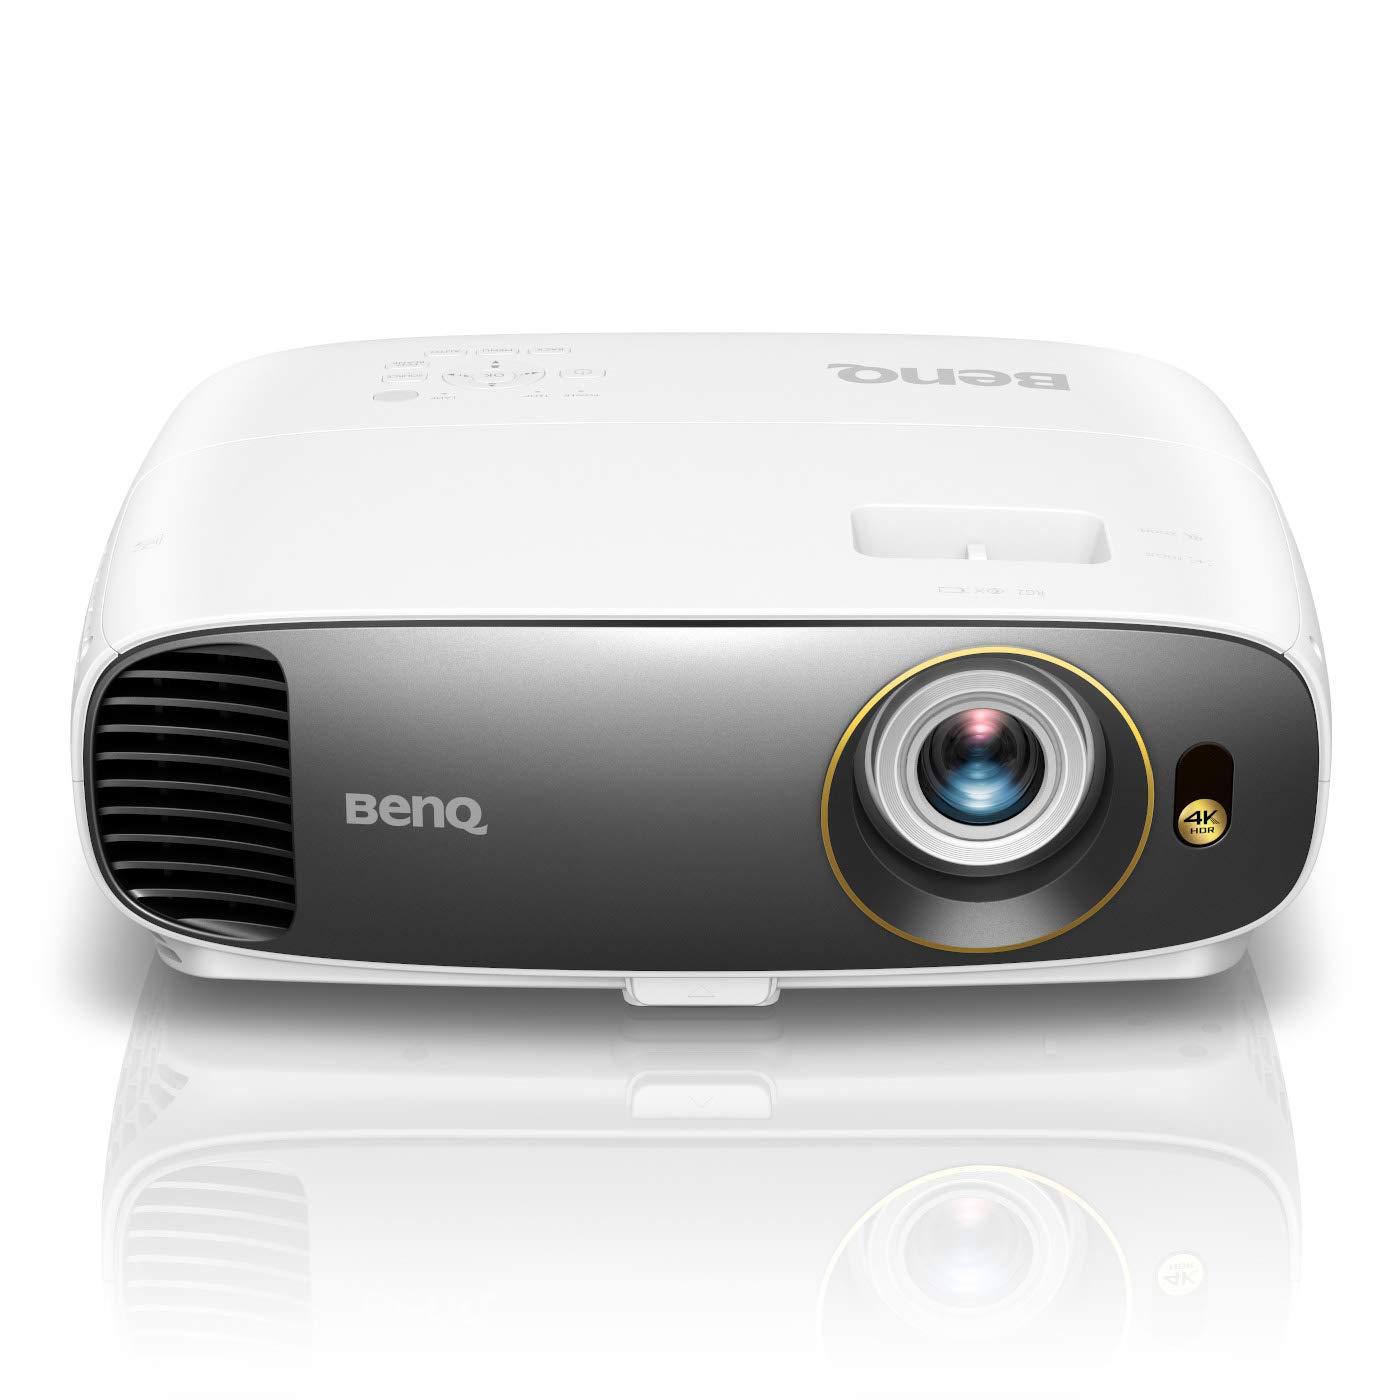 BenQ W1050 - Proyector doméstico DLP de 1080p (Rec. 709, 2200 ...